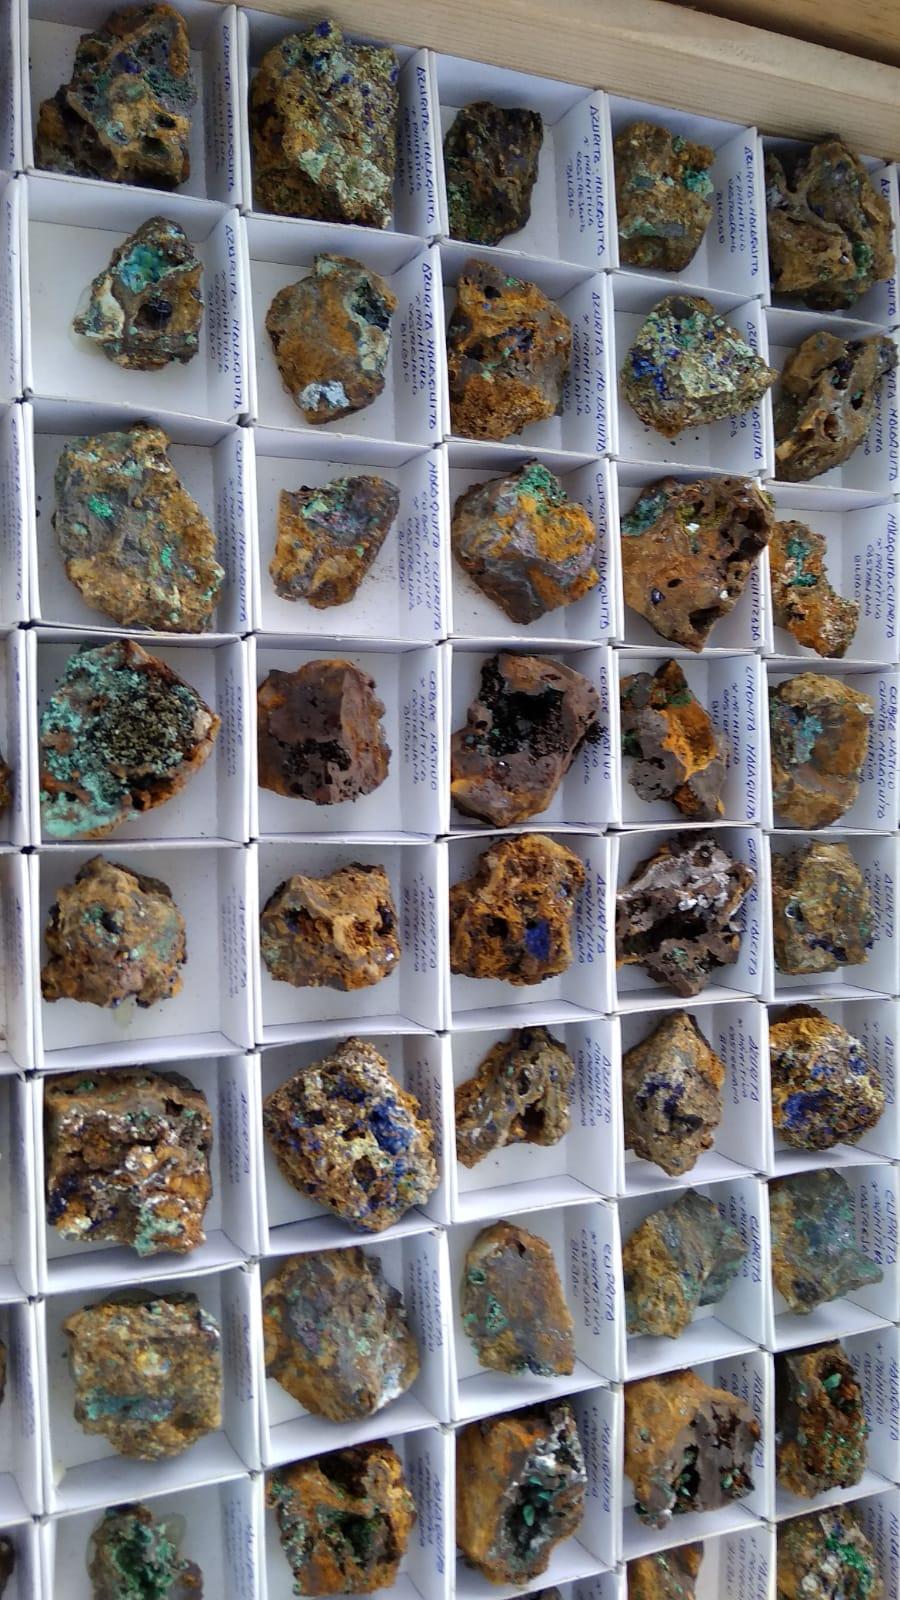 I Feria de minerales intercambio y venta de Cártama (MÁLAGA) - Página 5 Img-2044